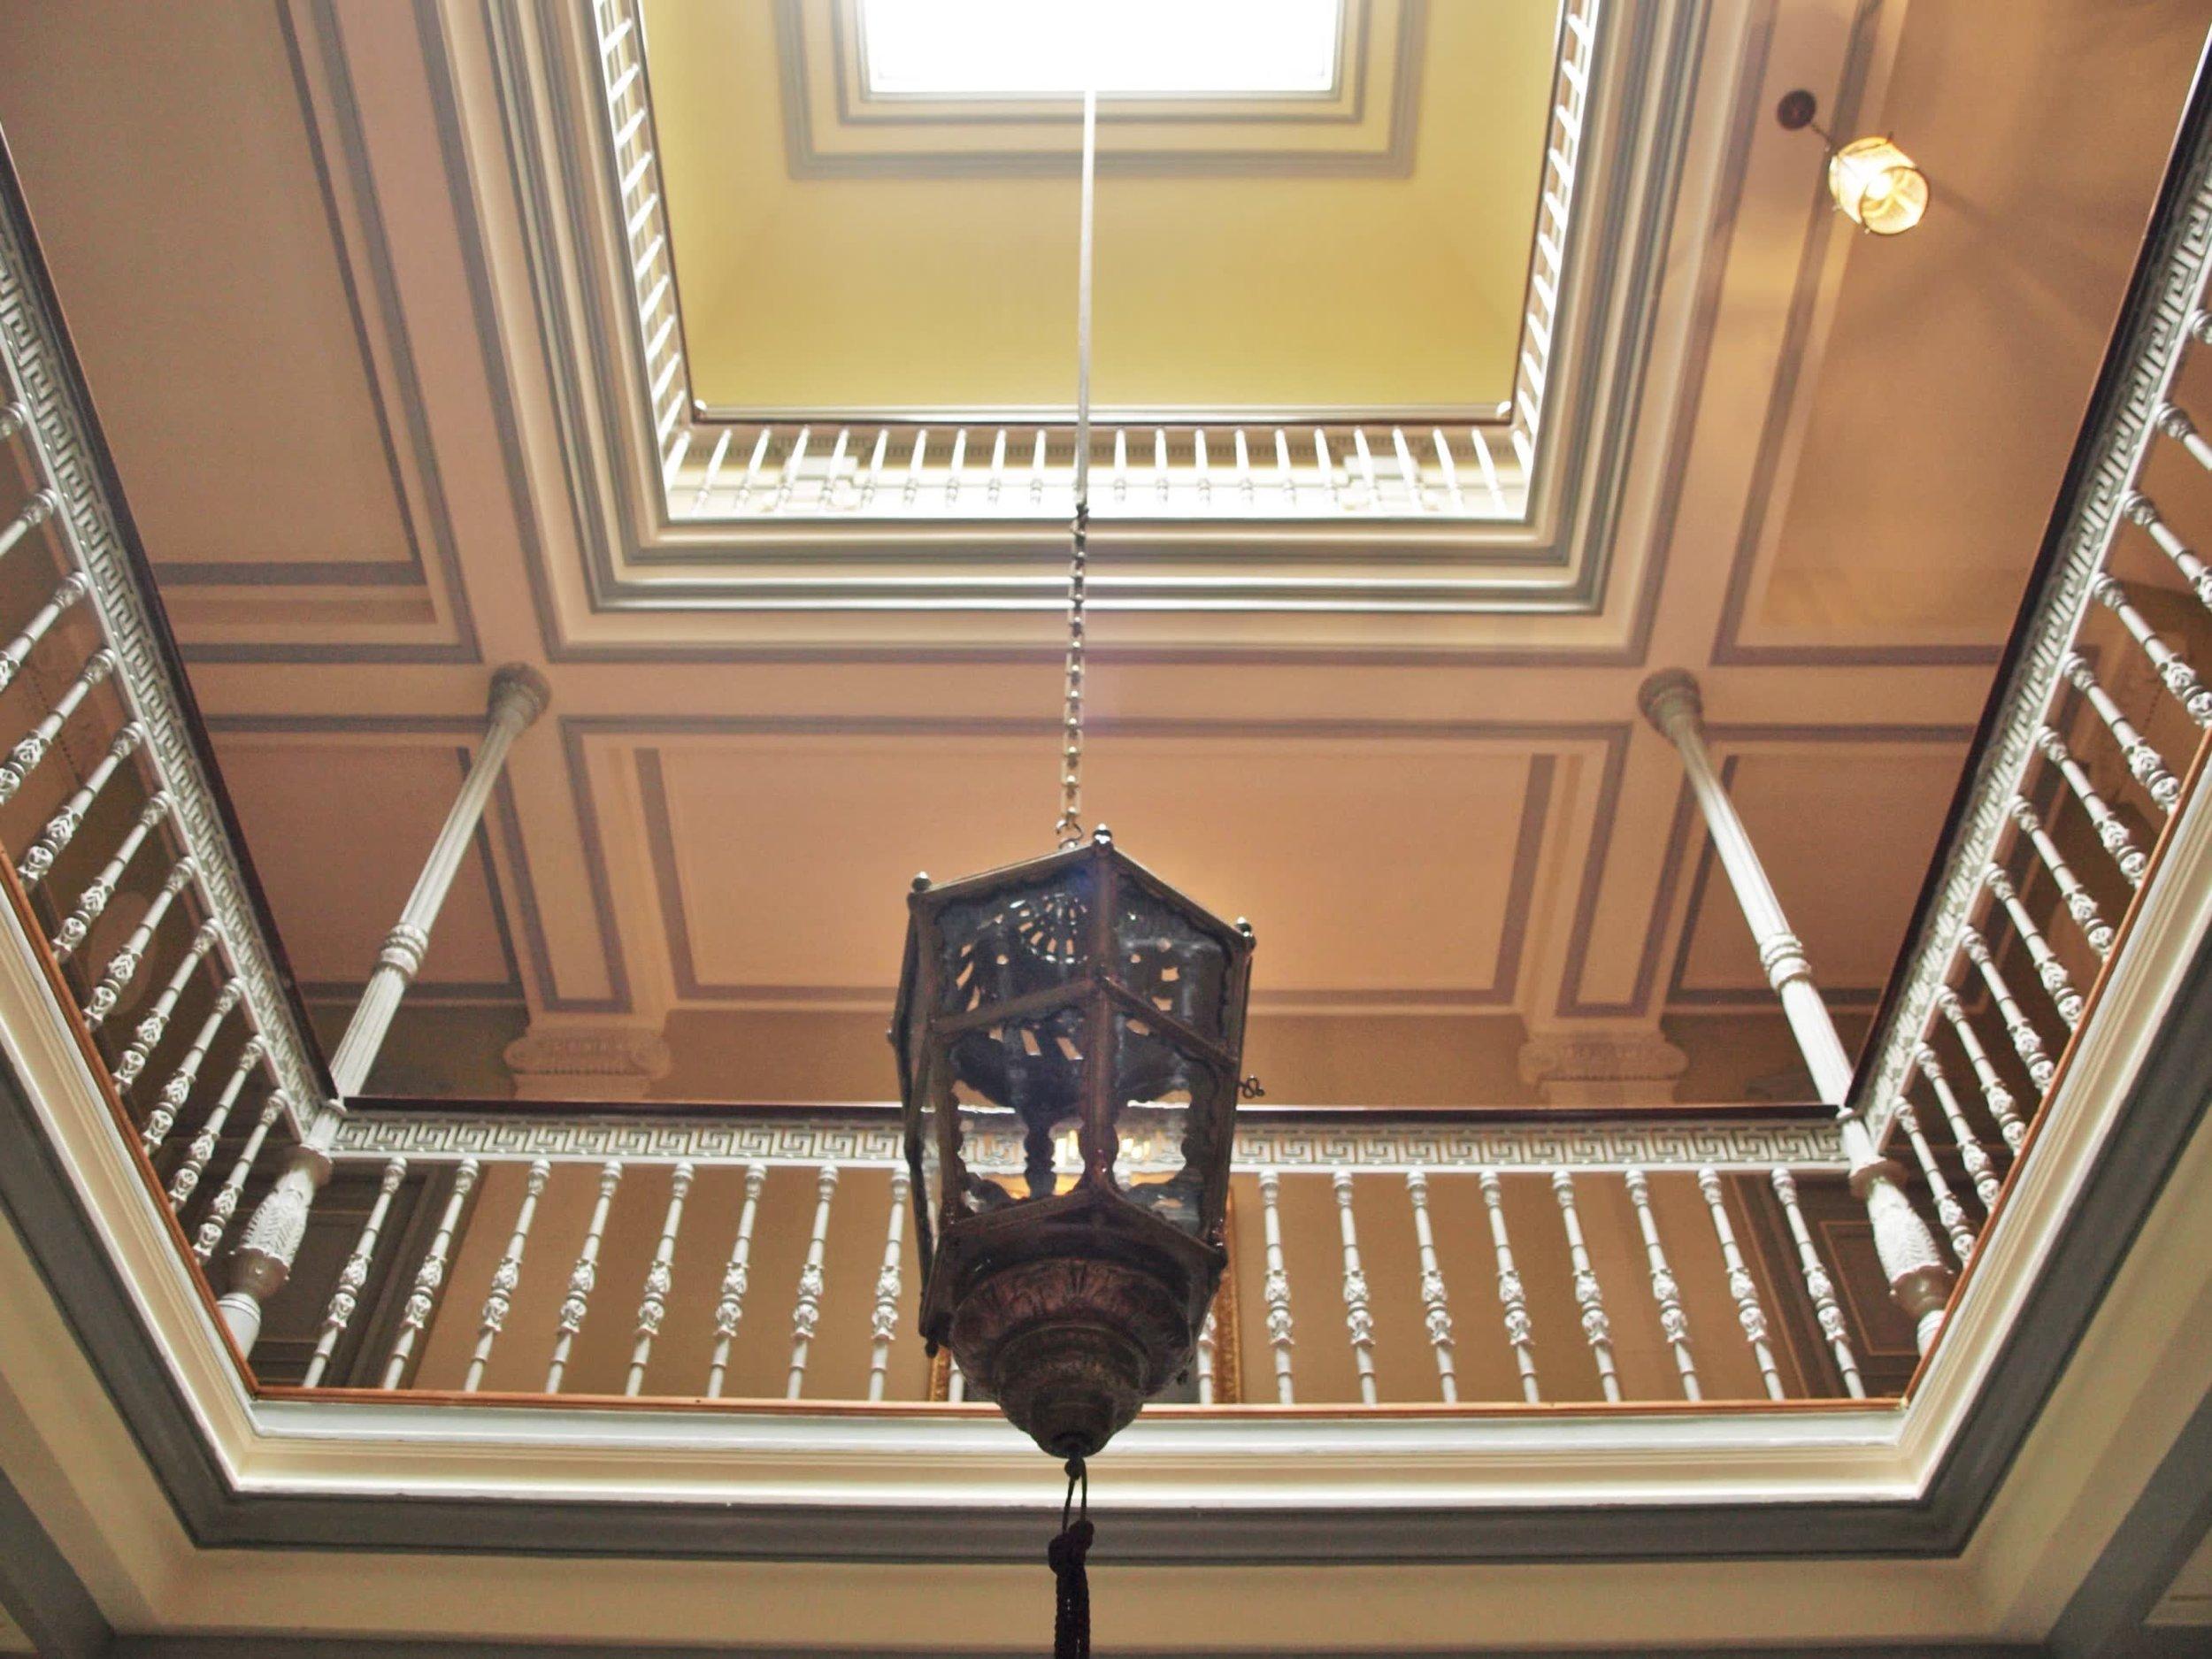 Chateau de la Pommeraye - salle - receptions - mariages - anniversaires - communions - baptemes - normandie - calvados - orne 6.jpg